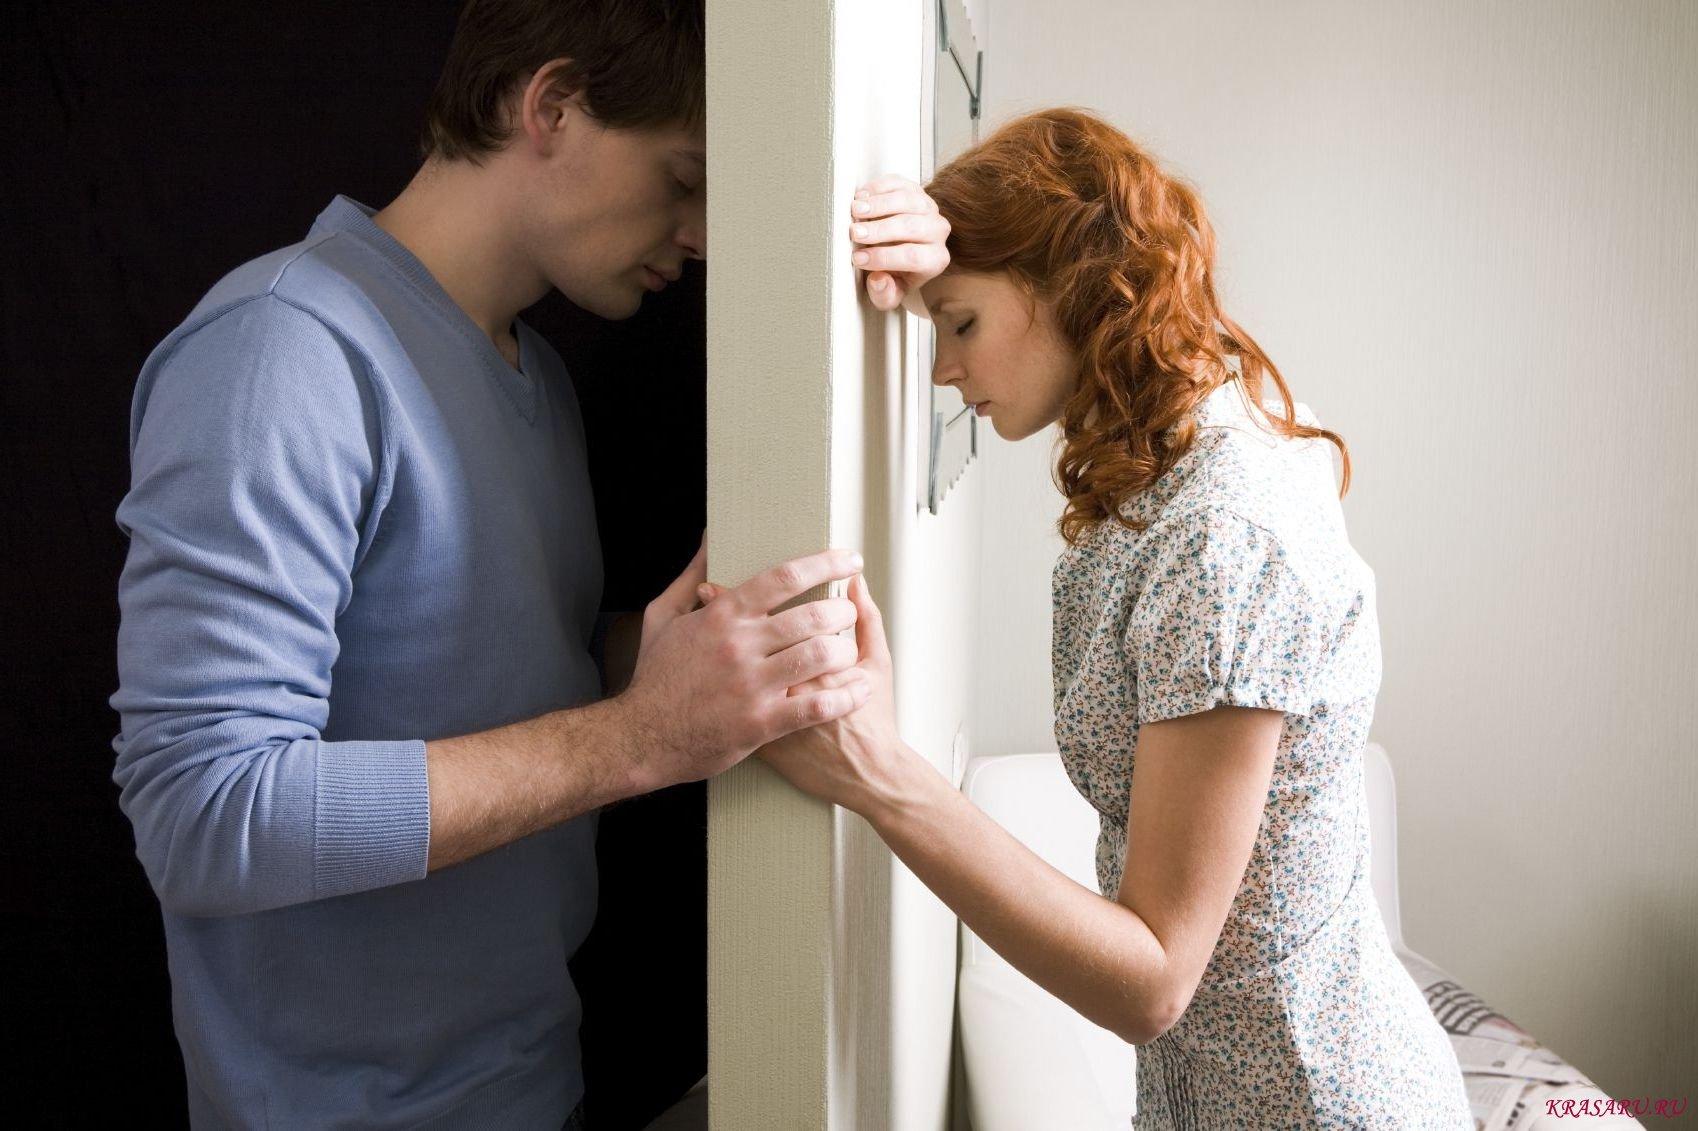 Муж изменил как сделать ему больно